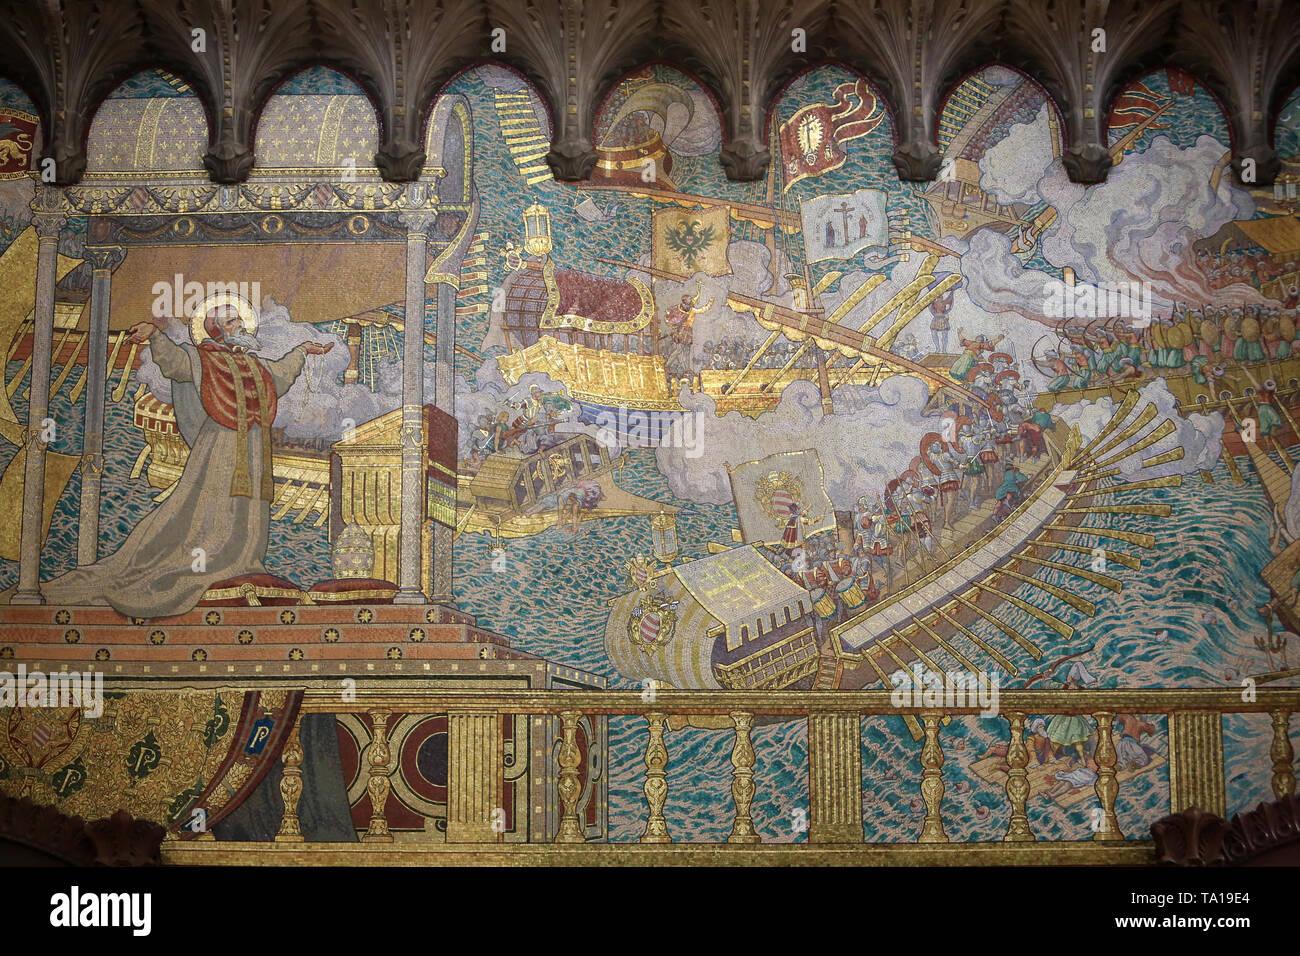 La Bataille de Lépante. Le Pape Pius V reçoit de Dieu la Vision de la Victoire de la flotte chrétienne sur la flotte Turque. Stockbild